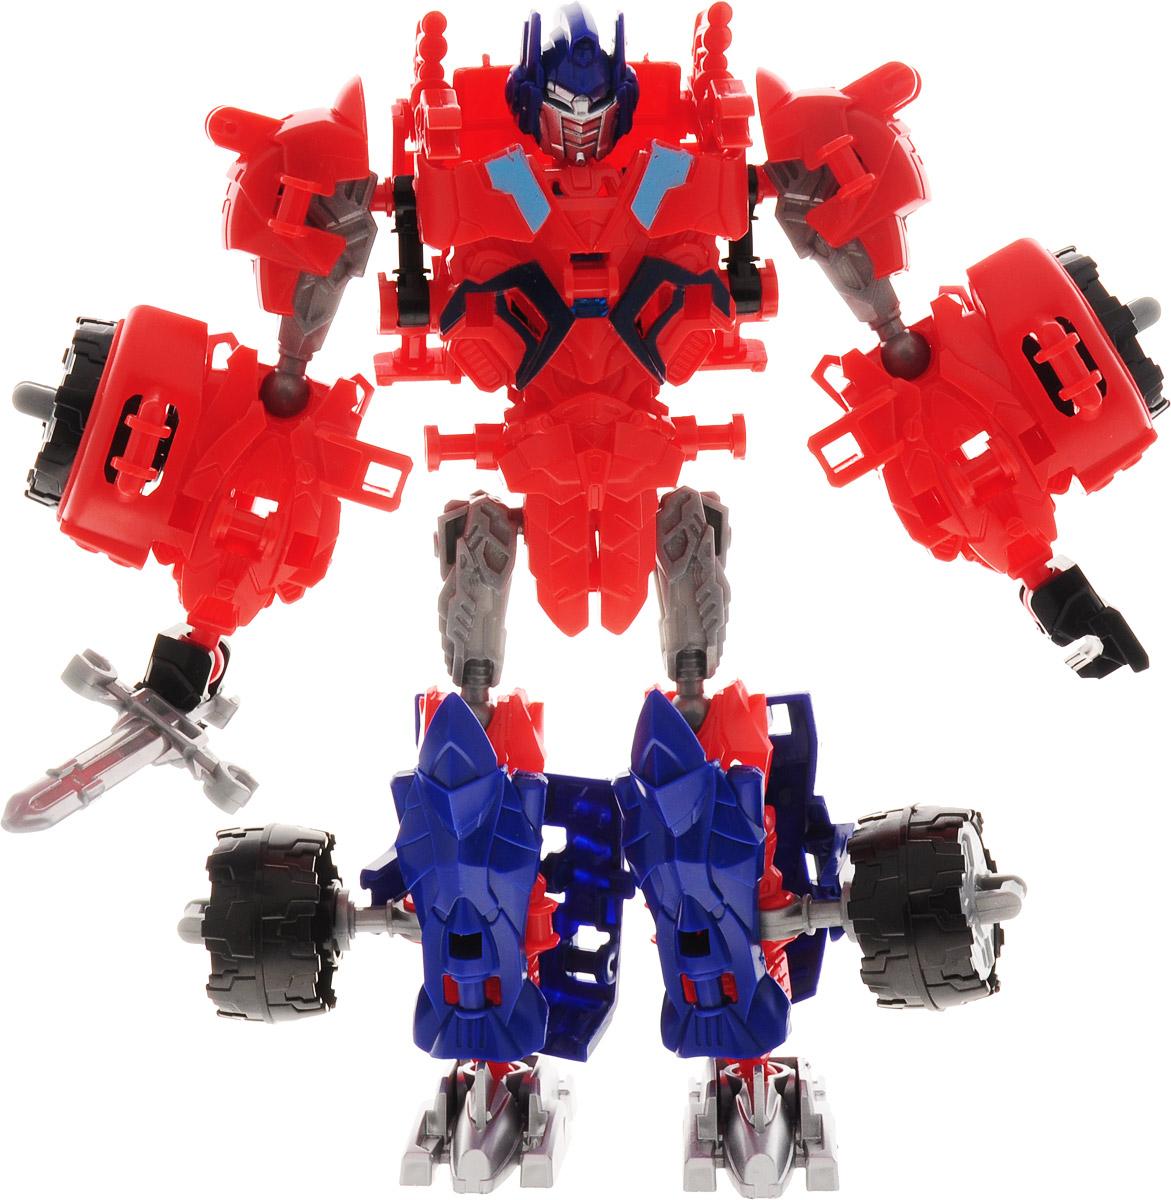 Deformation Warrior Робот-трансформер Red Detent цвет красный синий цена магнитофон в машину